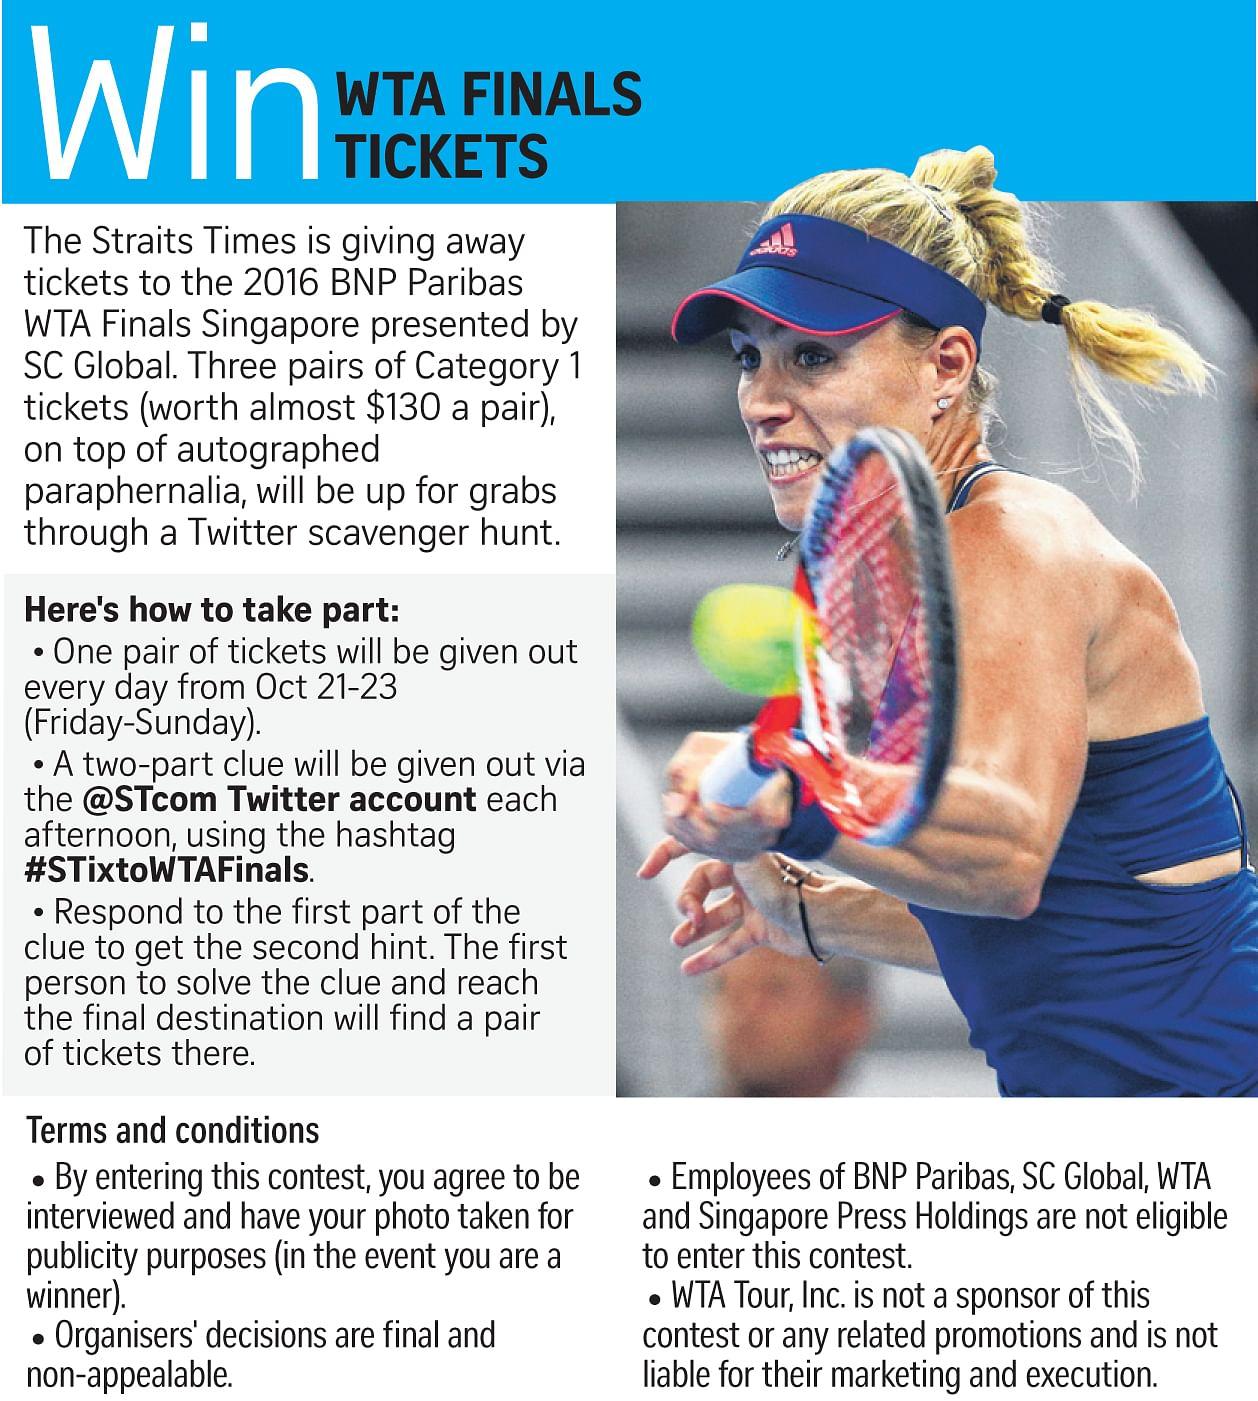 No Serena, so who wins WTA Finals?